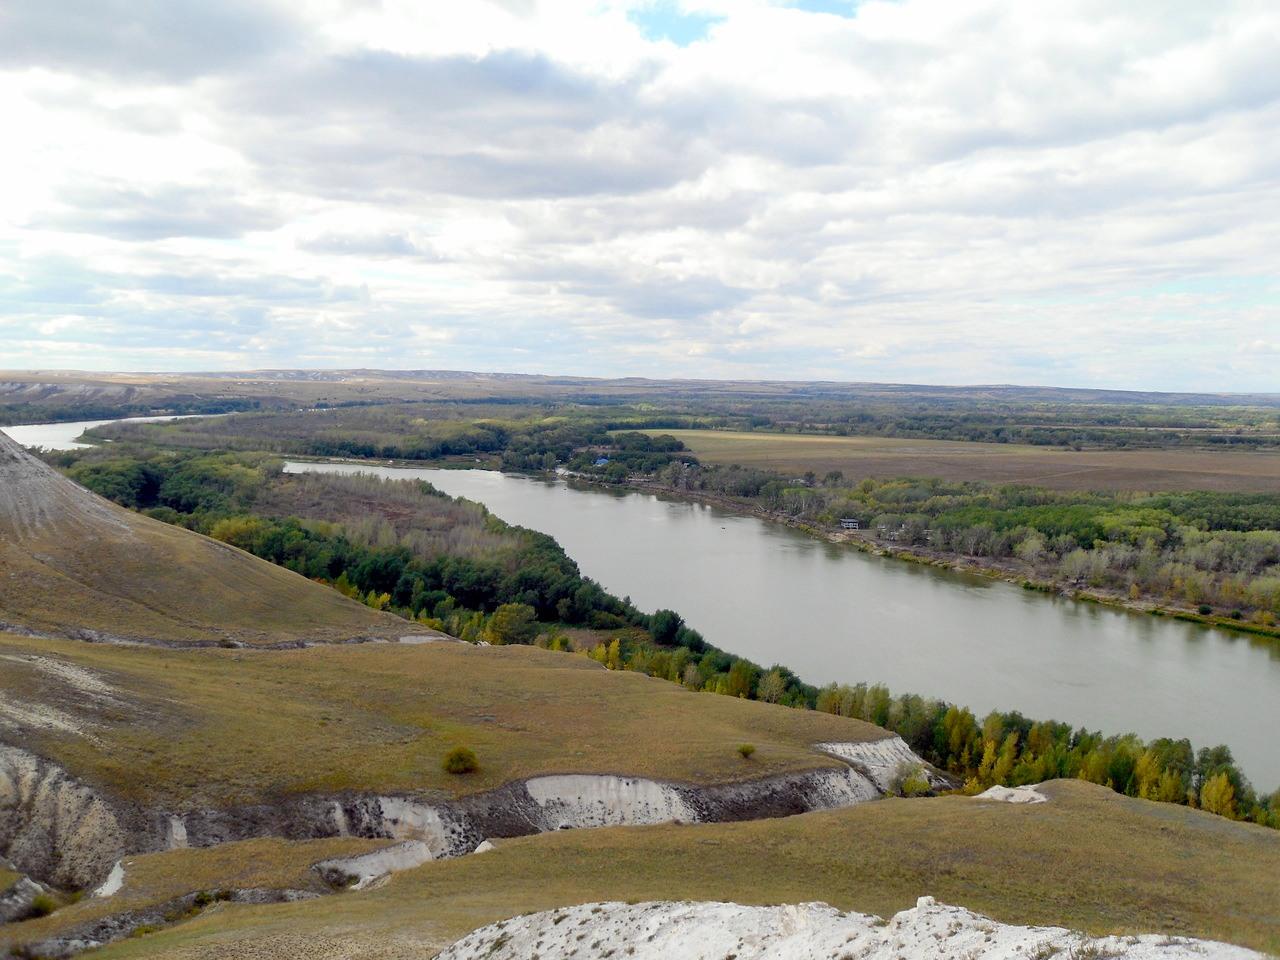 Река Дон.   Автор фото: deljfin26